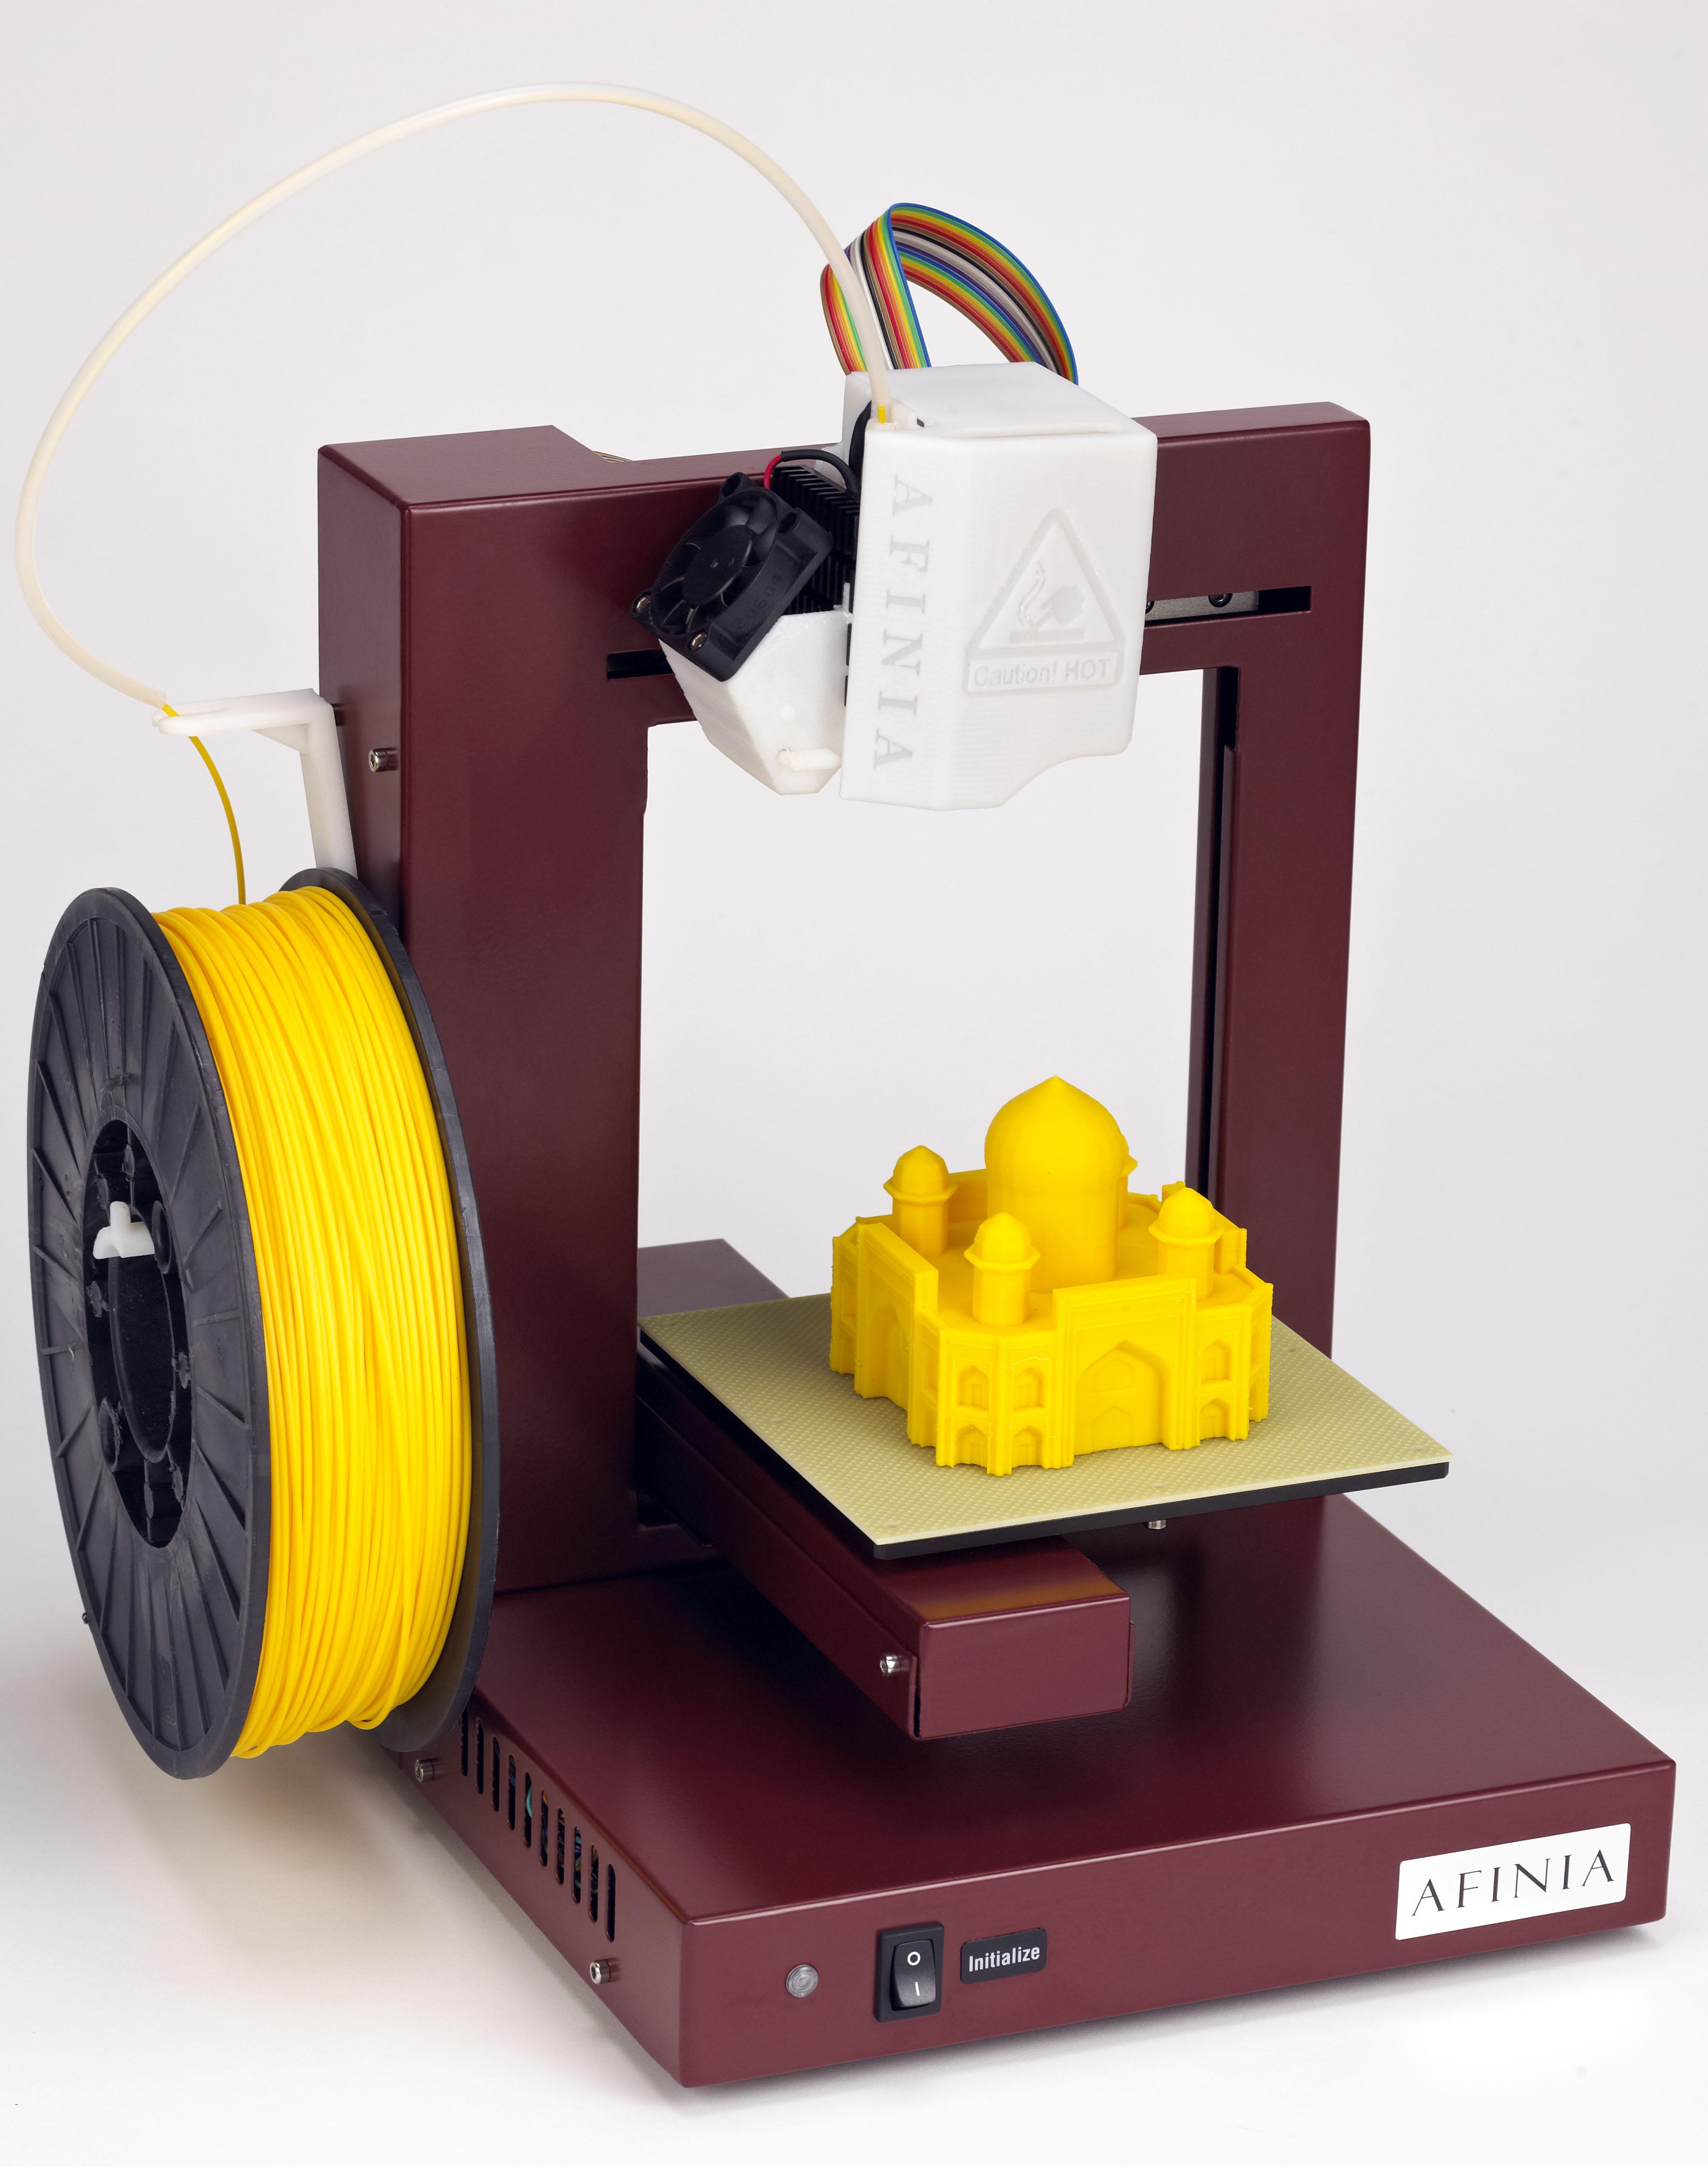 Afinia H-Series 3D Printer